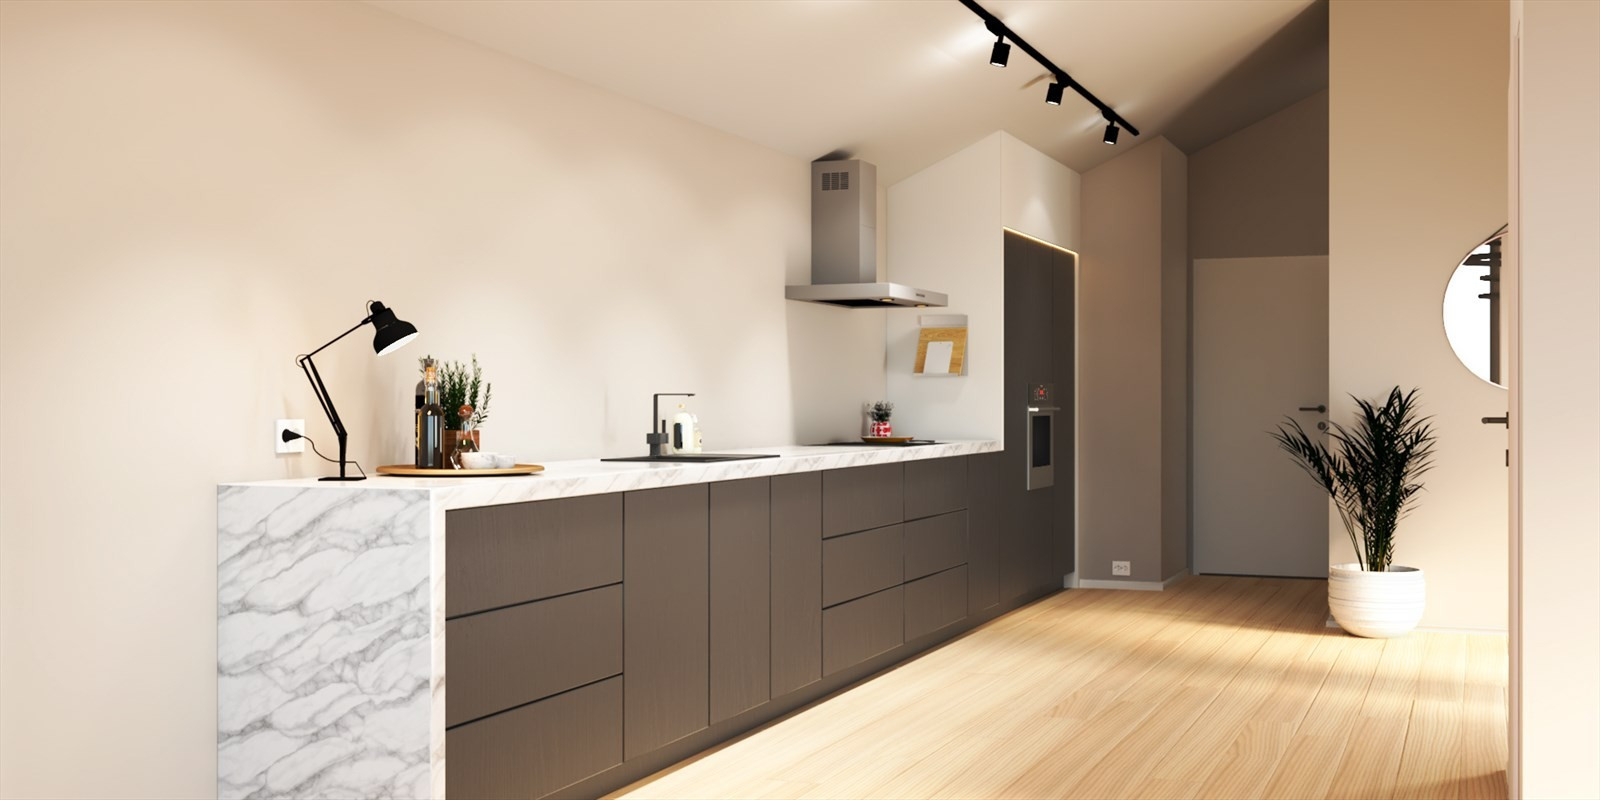 Kjøkken - seksjon D